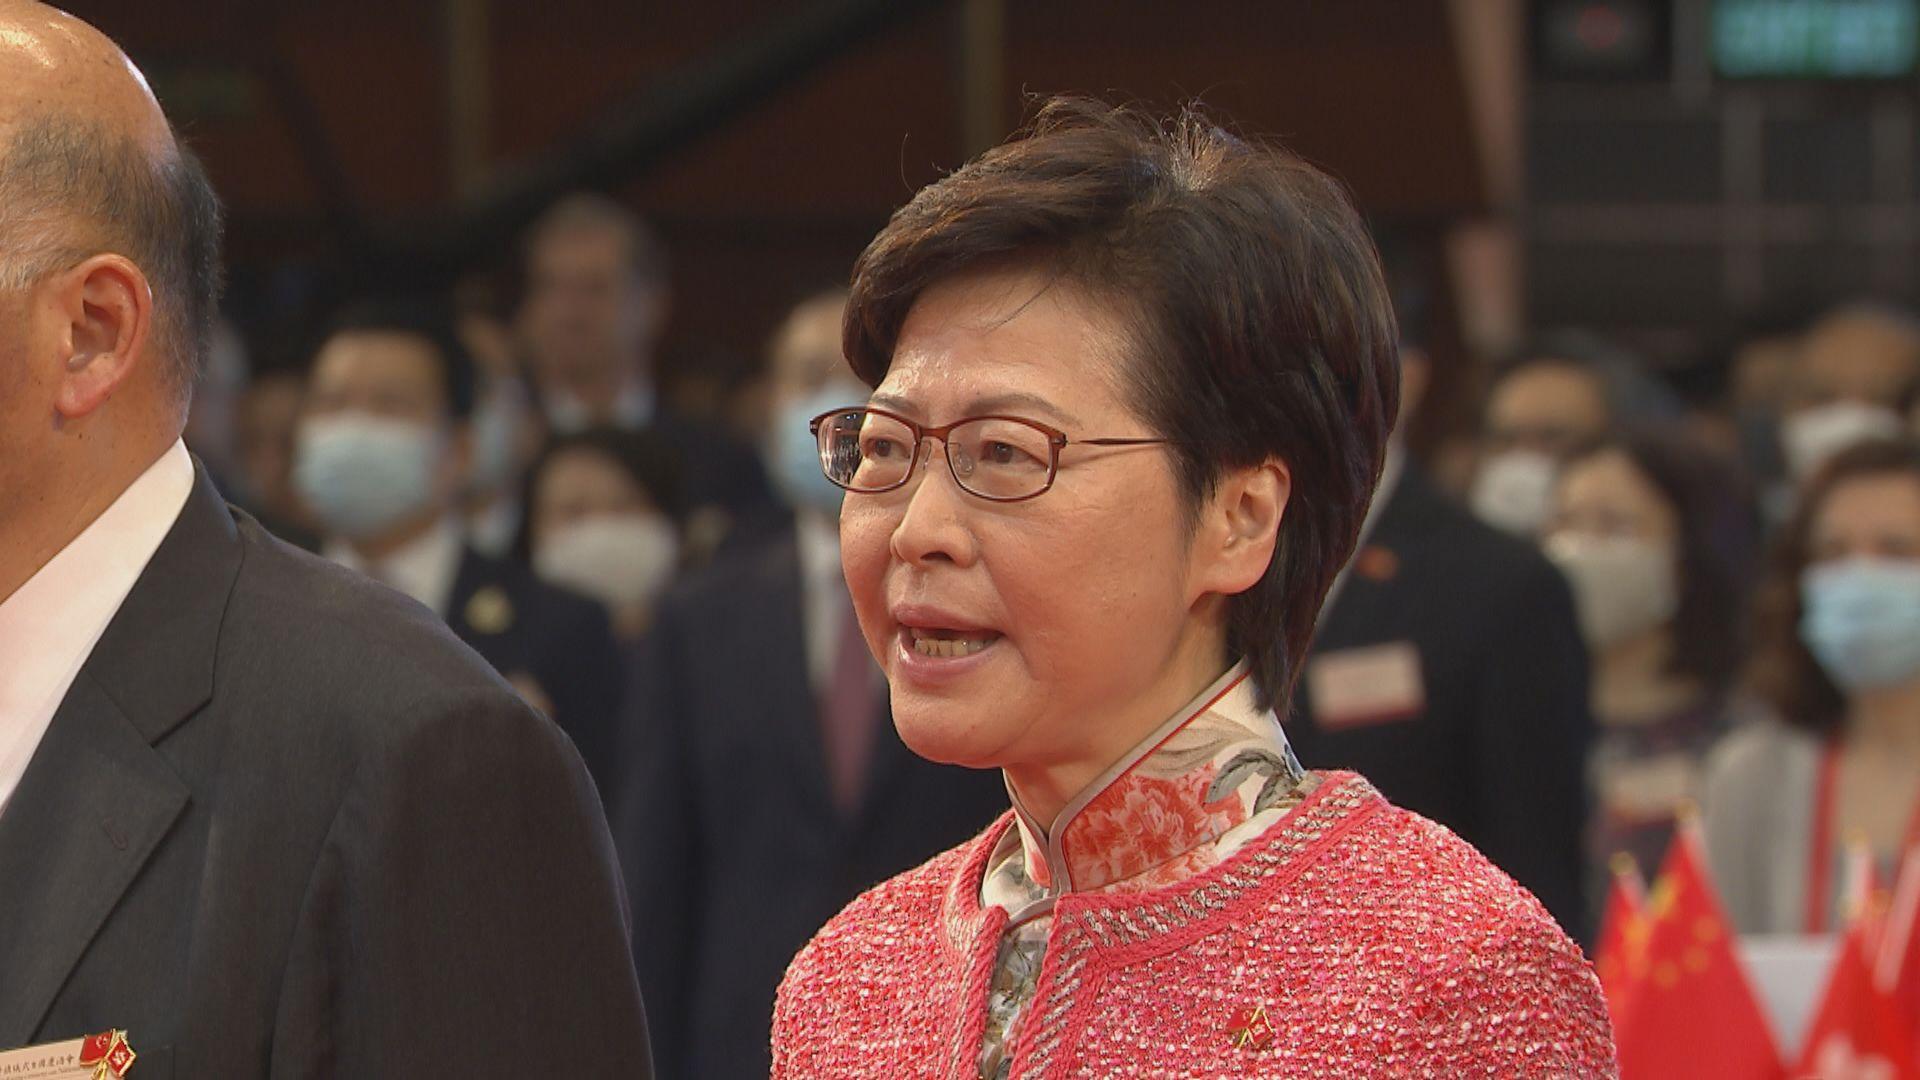 林鄭:社會應清楚要滿足民主訴求須有安全穩定社會環境